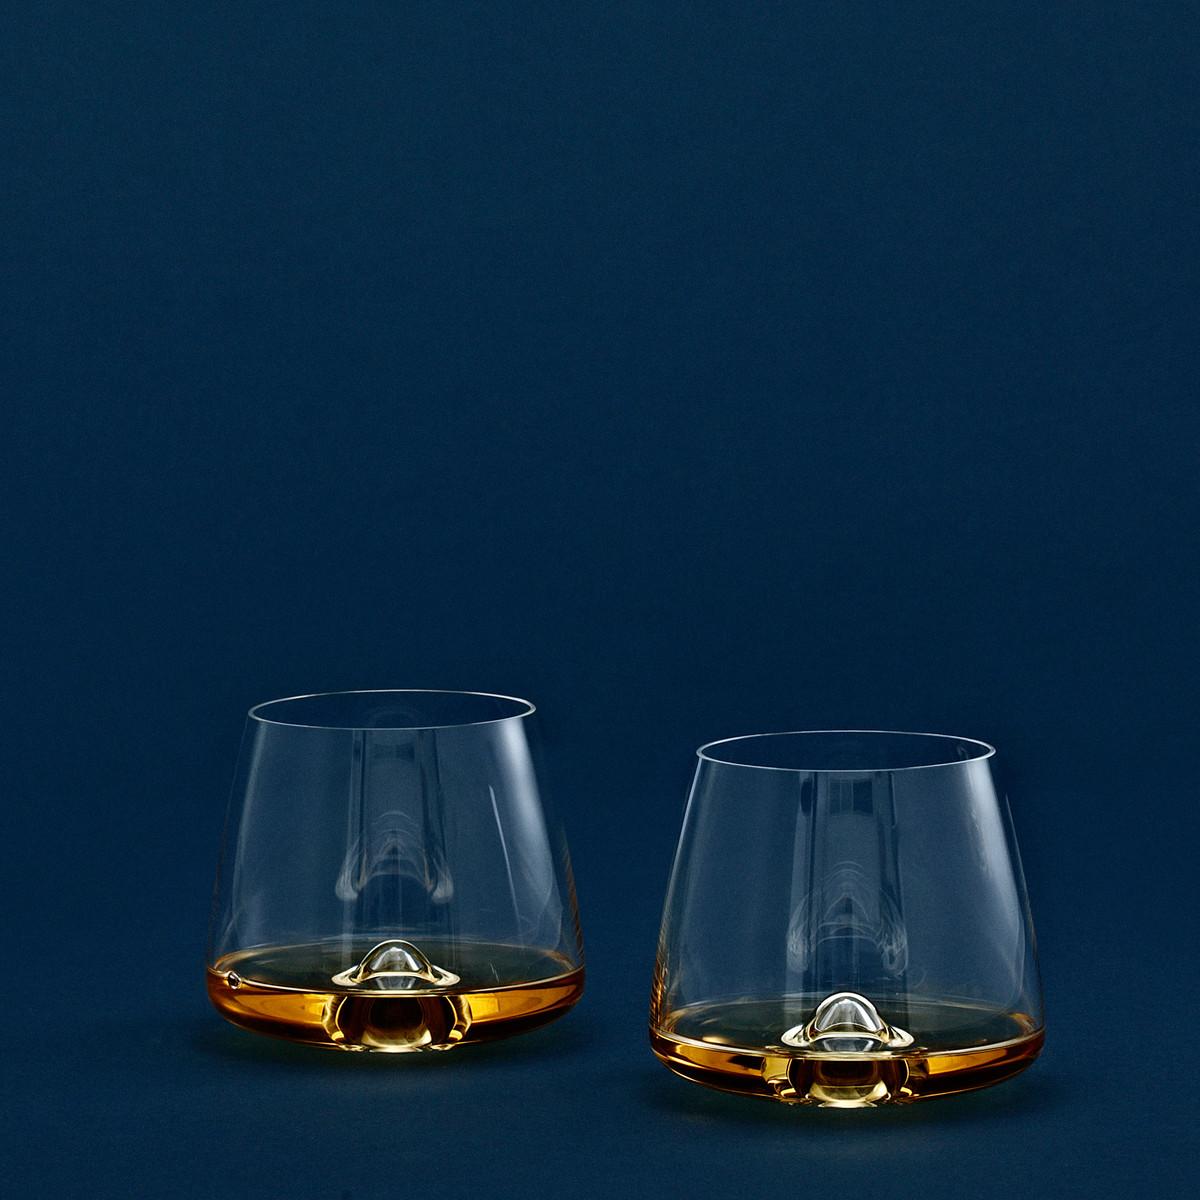 Normann Copenhagen Set of Two Whisky Glasses - $46.95